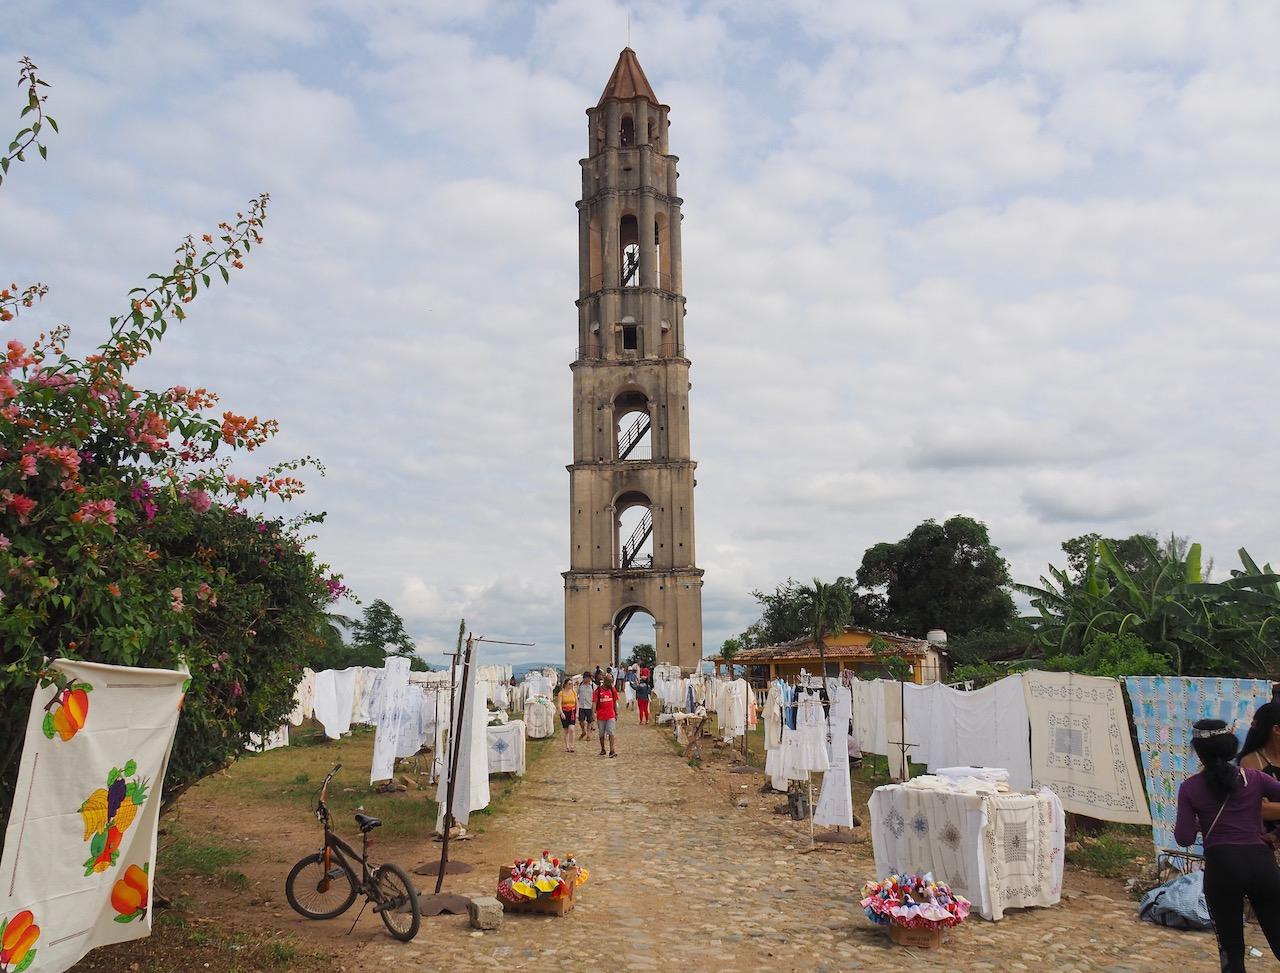 Cuba - 2 jours à Trinidad - Torre Iznaga